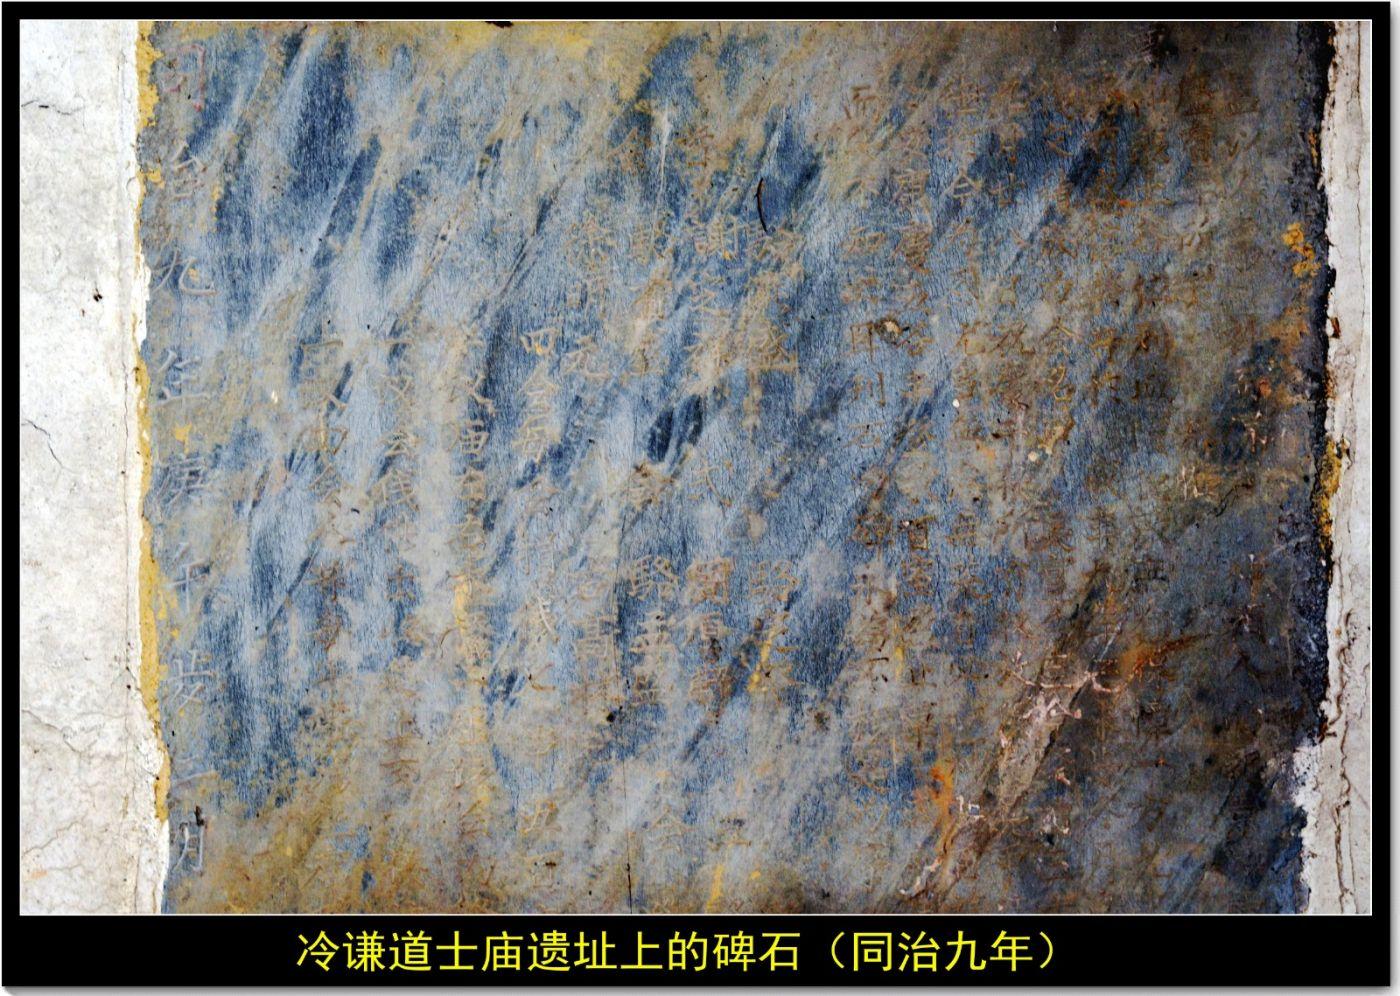 冷谦道士庙遗址考(七律)_图1-19